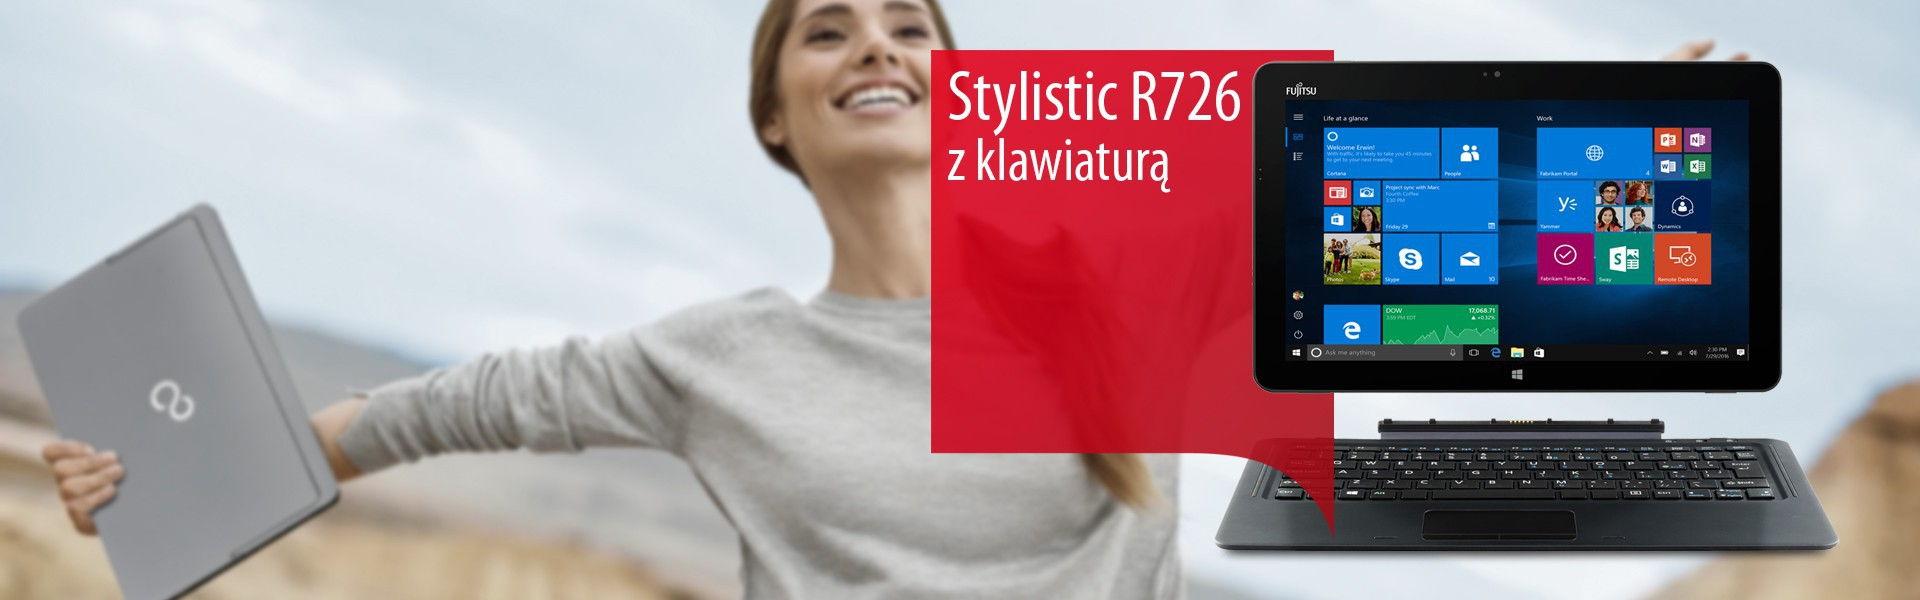 Stylistic R726 z klawiaturą